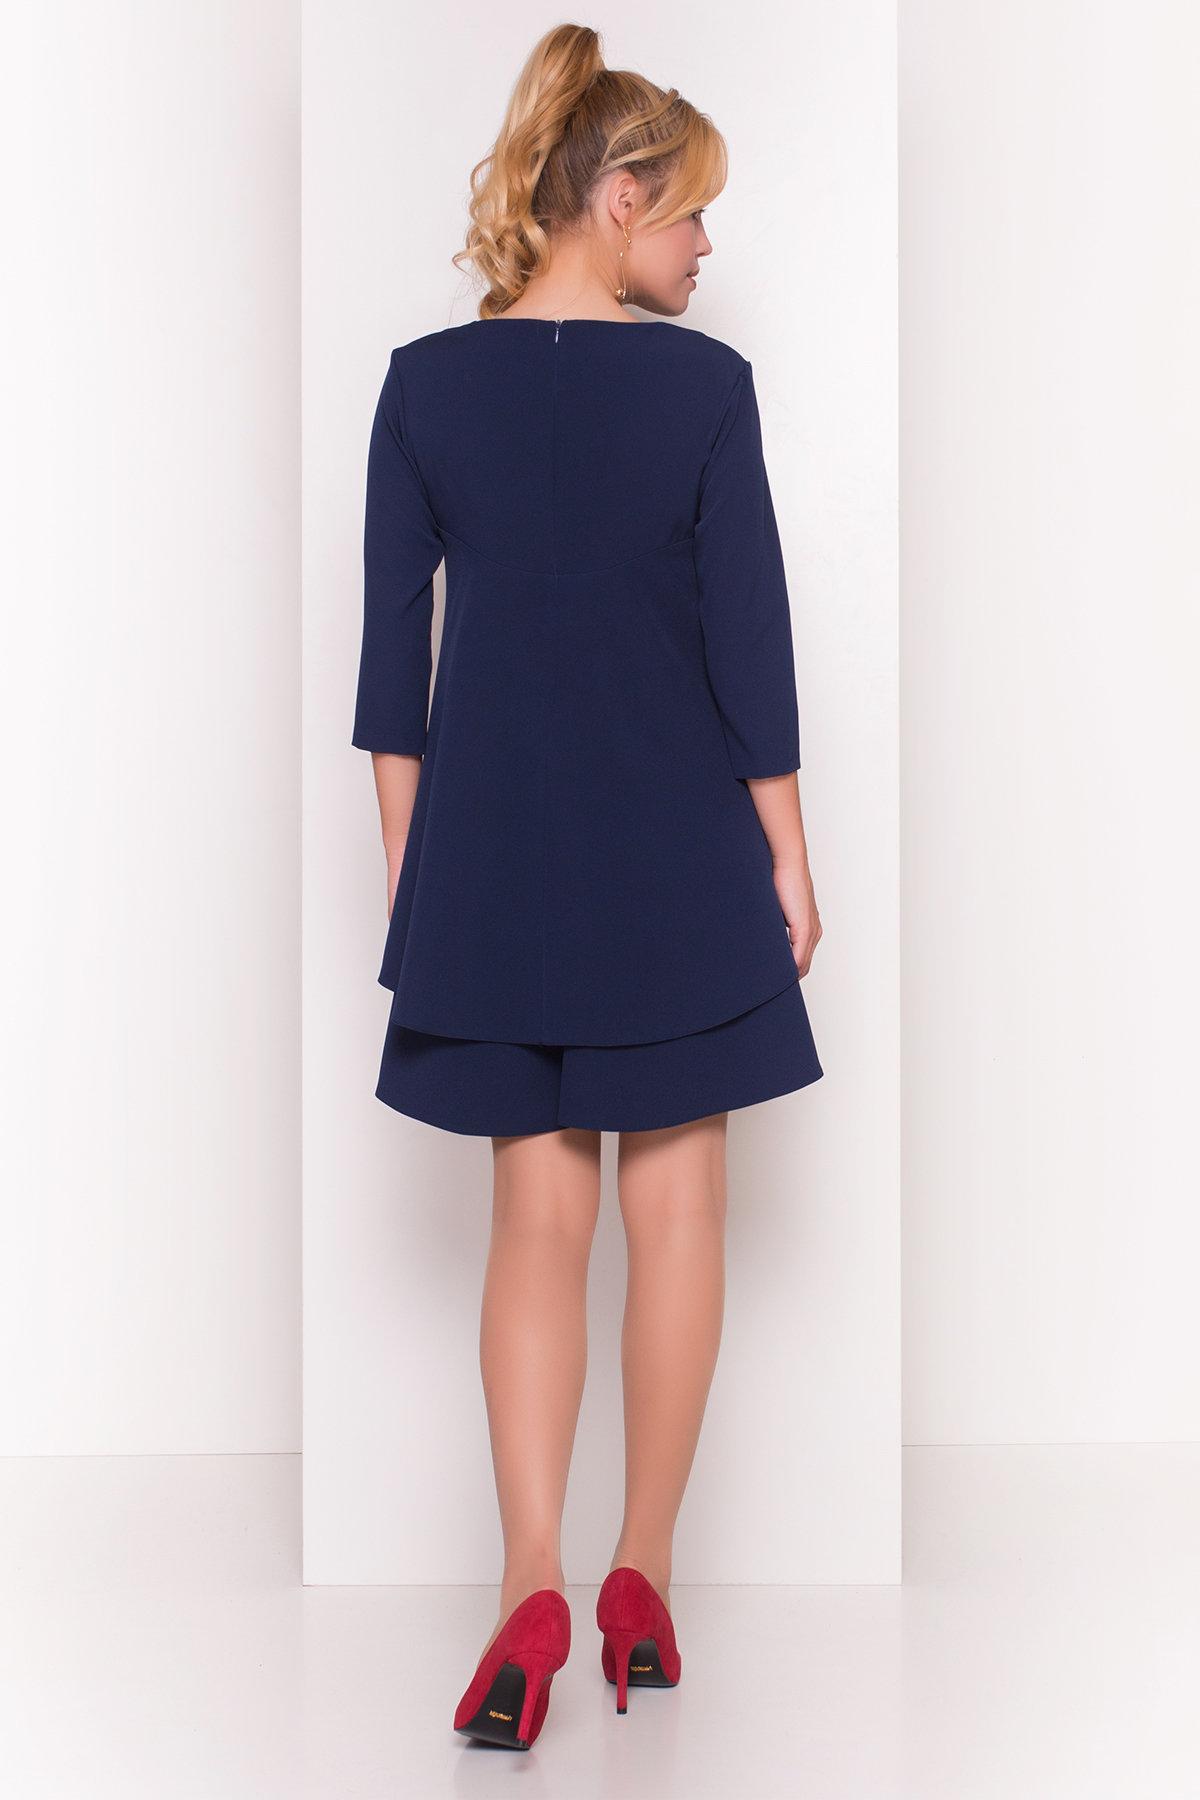 Платье Делафер 3245 АРТ. 16714 Цвет: Темно-синий - фото 2, интернет магазин tm-modus.ru